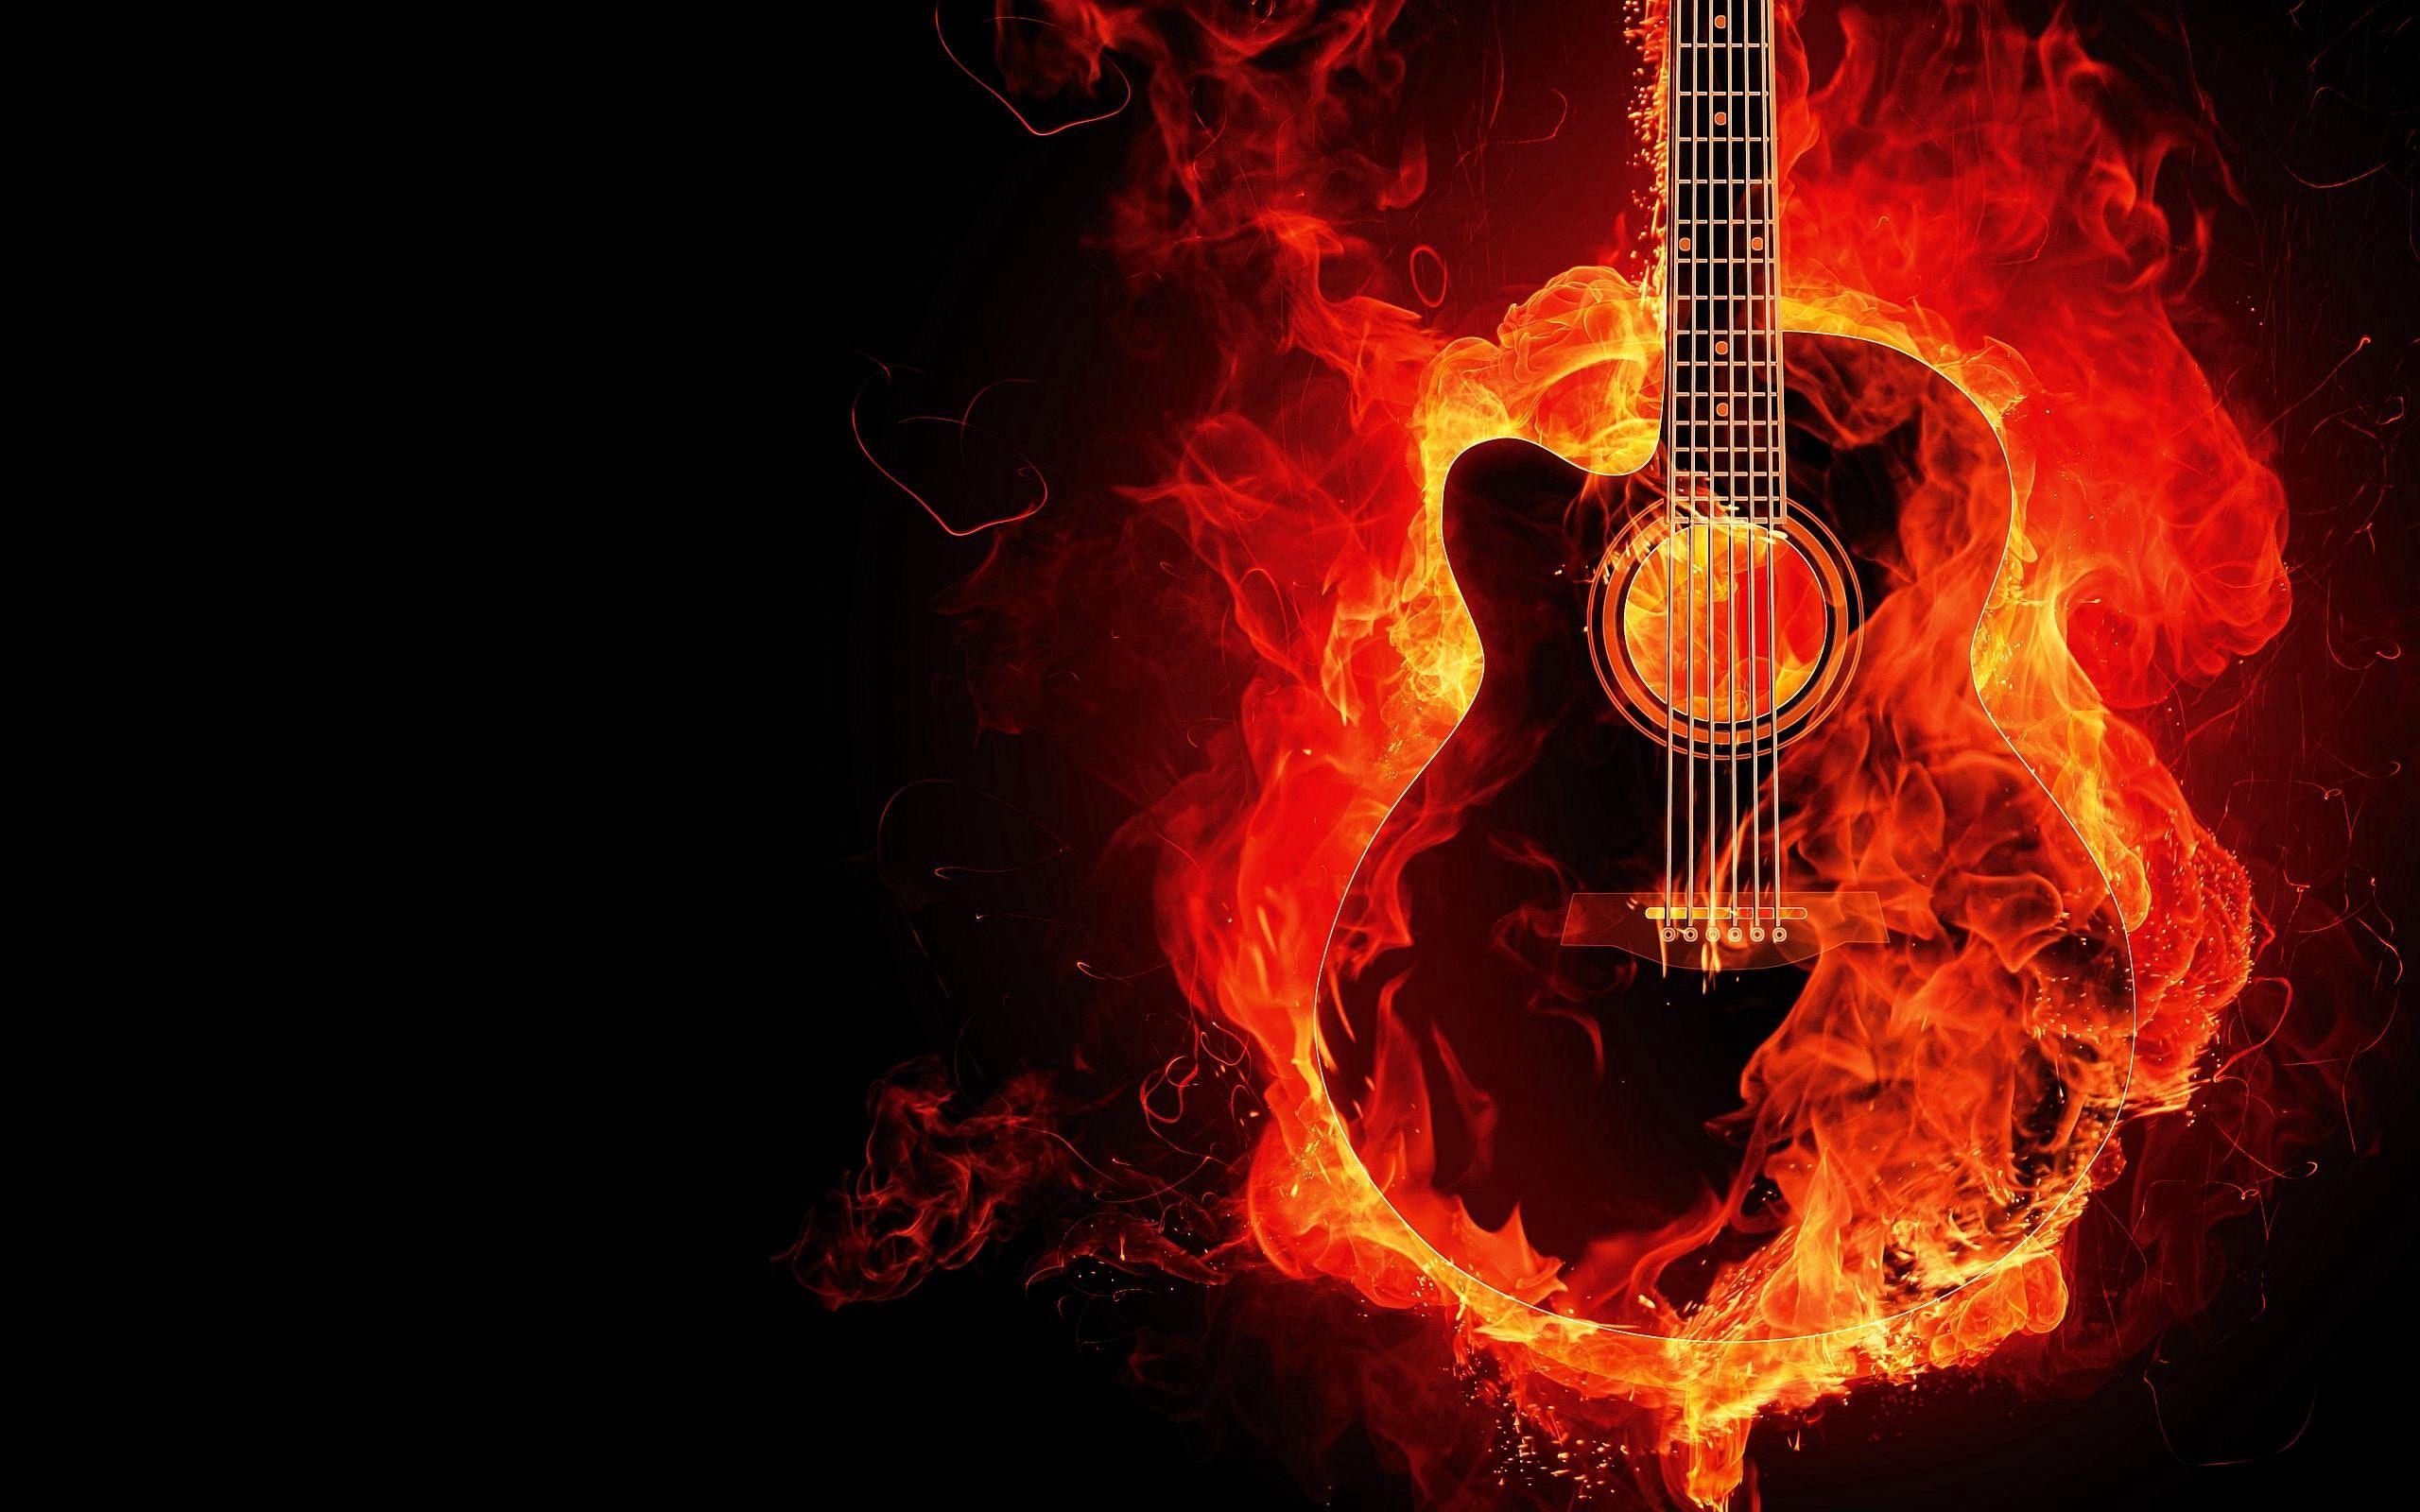 53372 Hintergrundbild herunterladen Musik, Feuer, Flamme, Gitarre, Photoshop - Bildschirmschoner und Bilder kostenlos